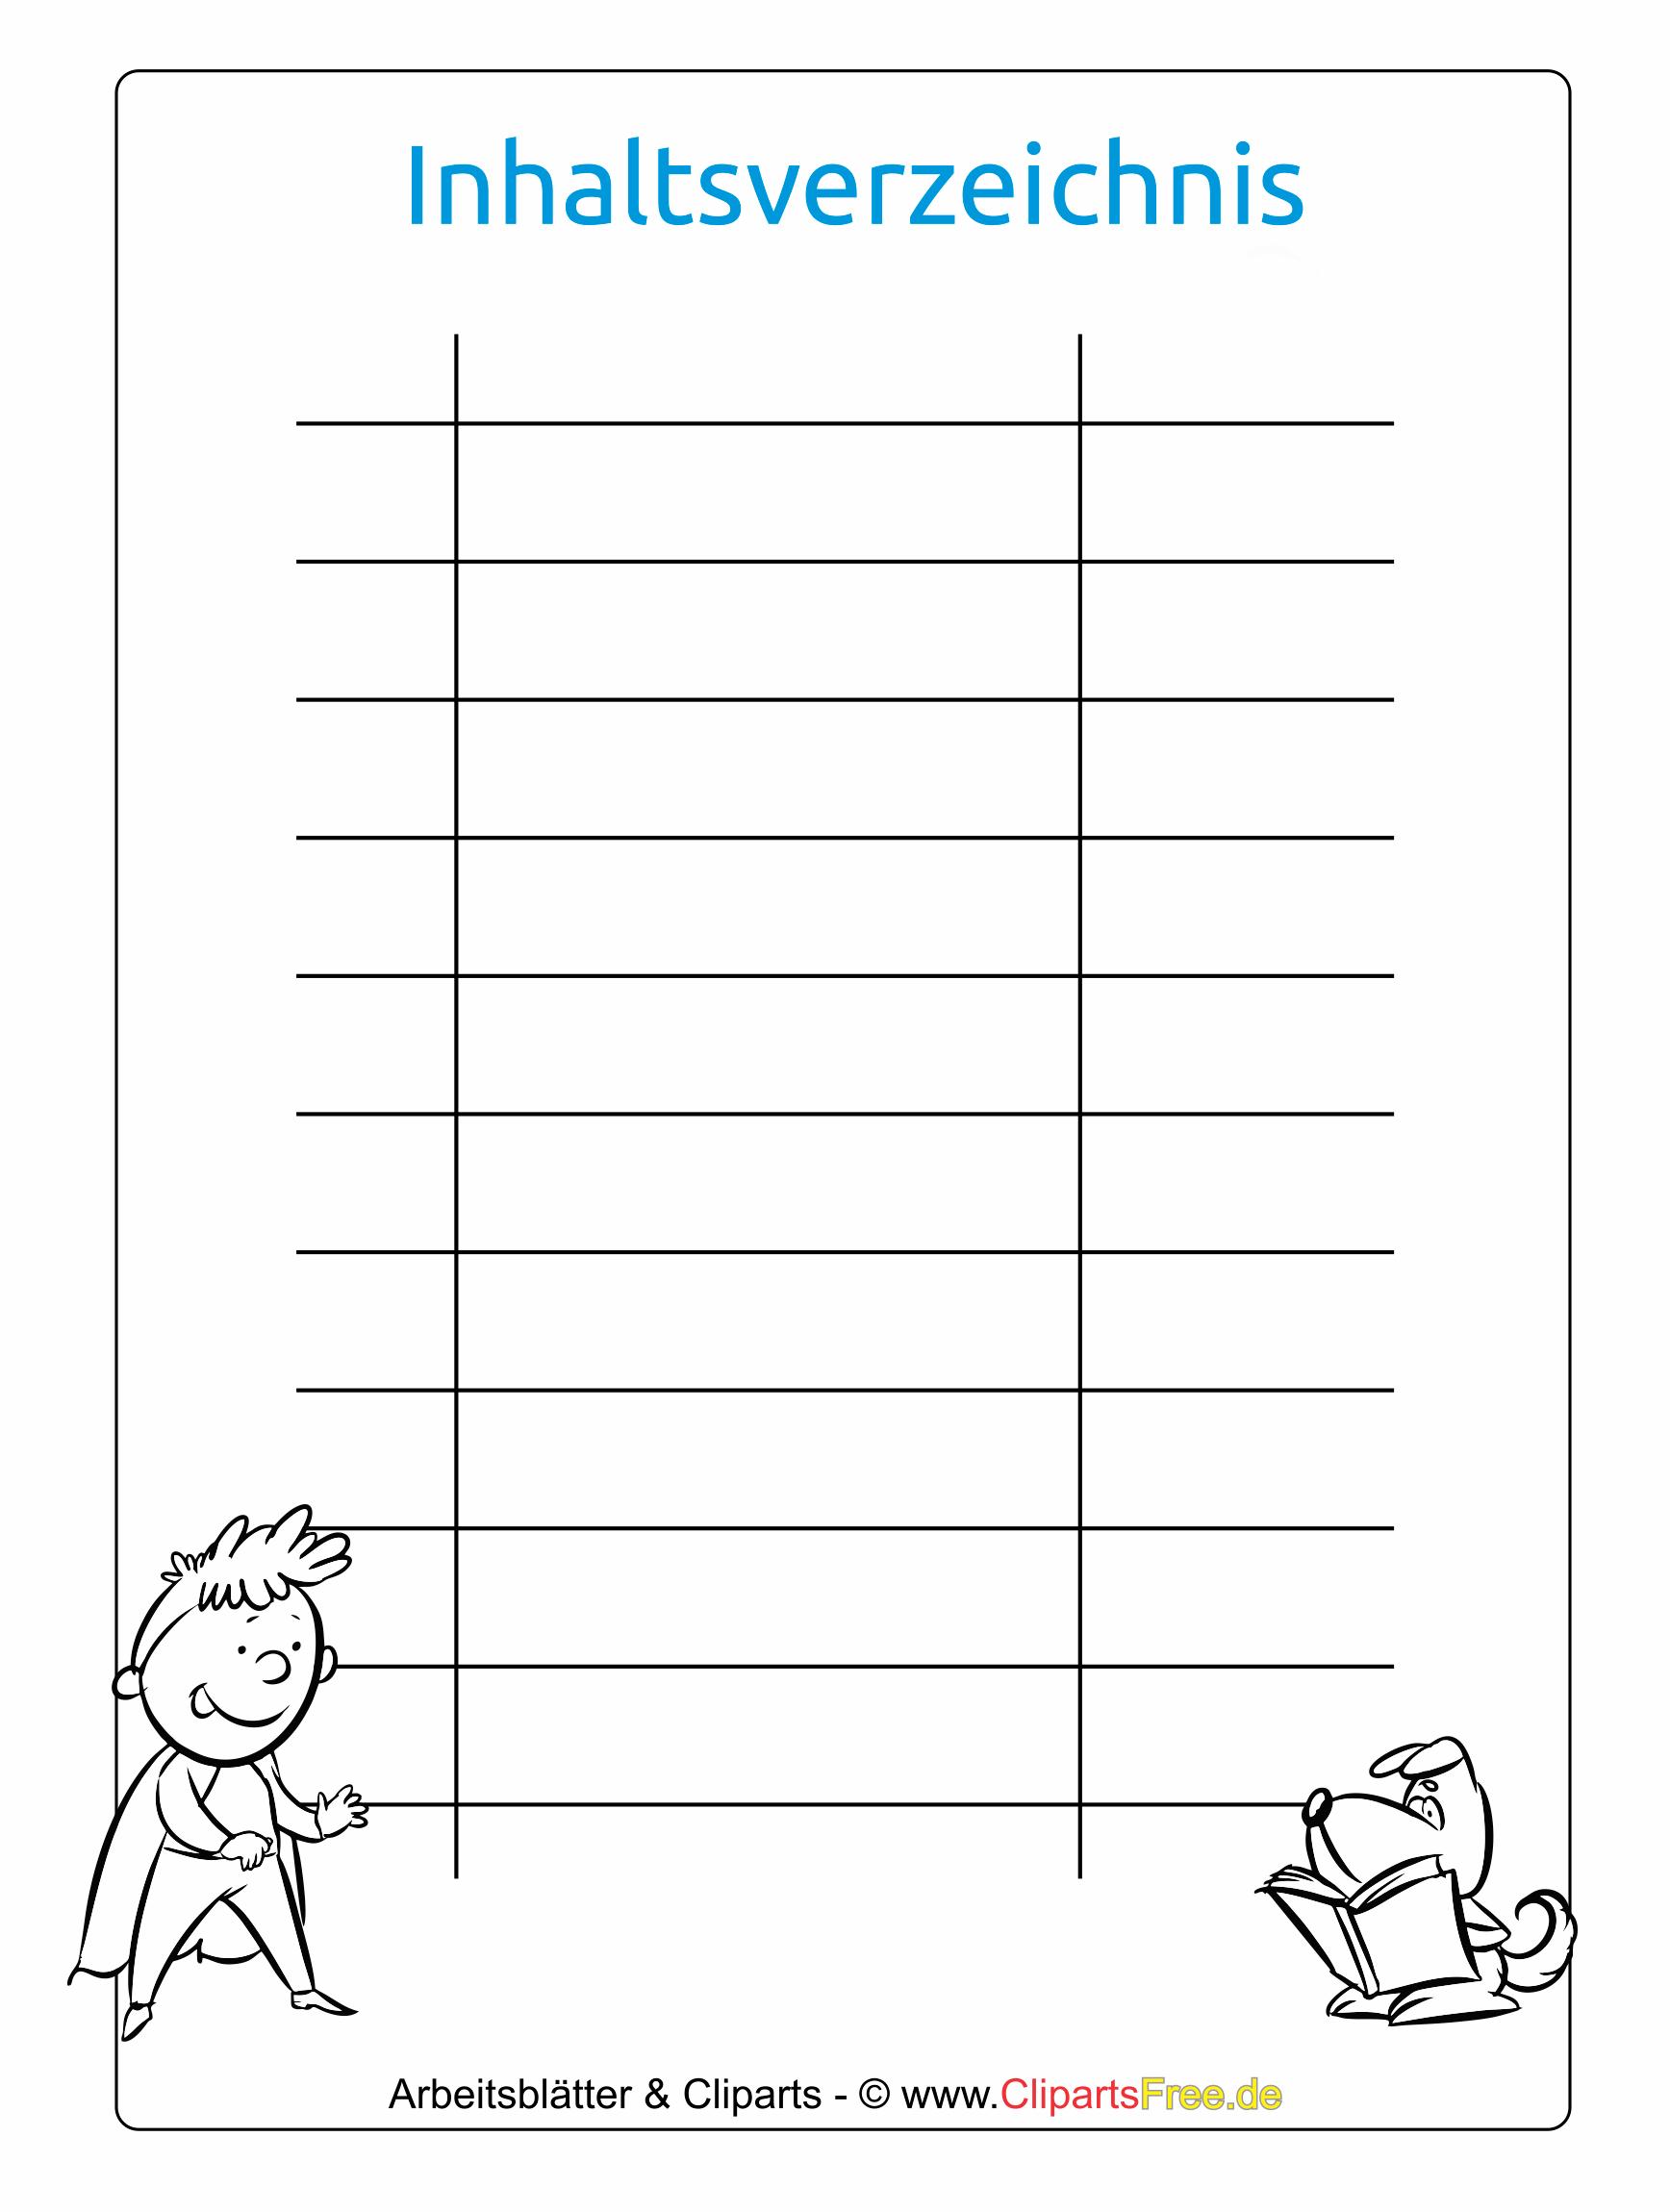 Inhaltsverzeichnis Vorlage fr Schule